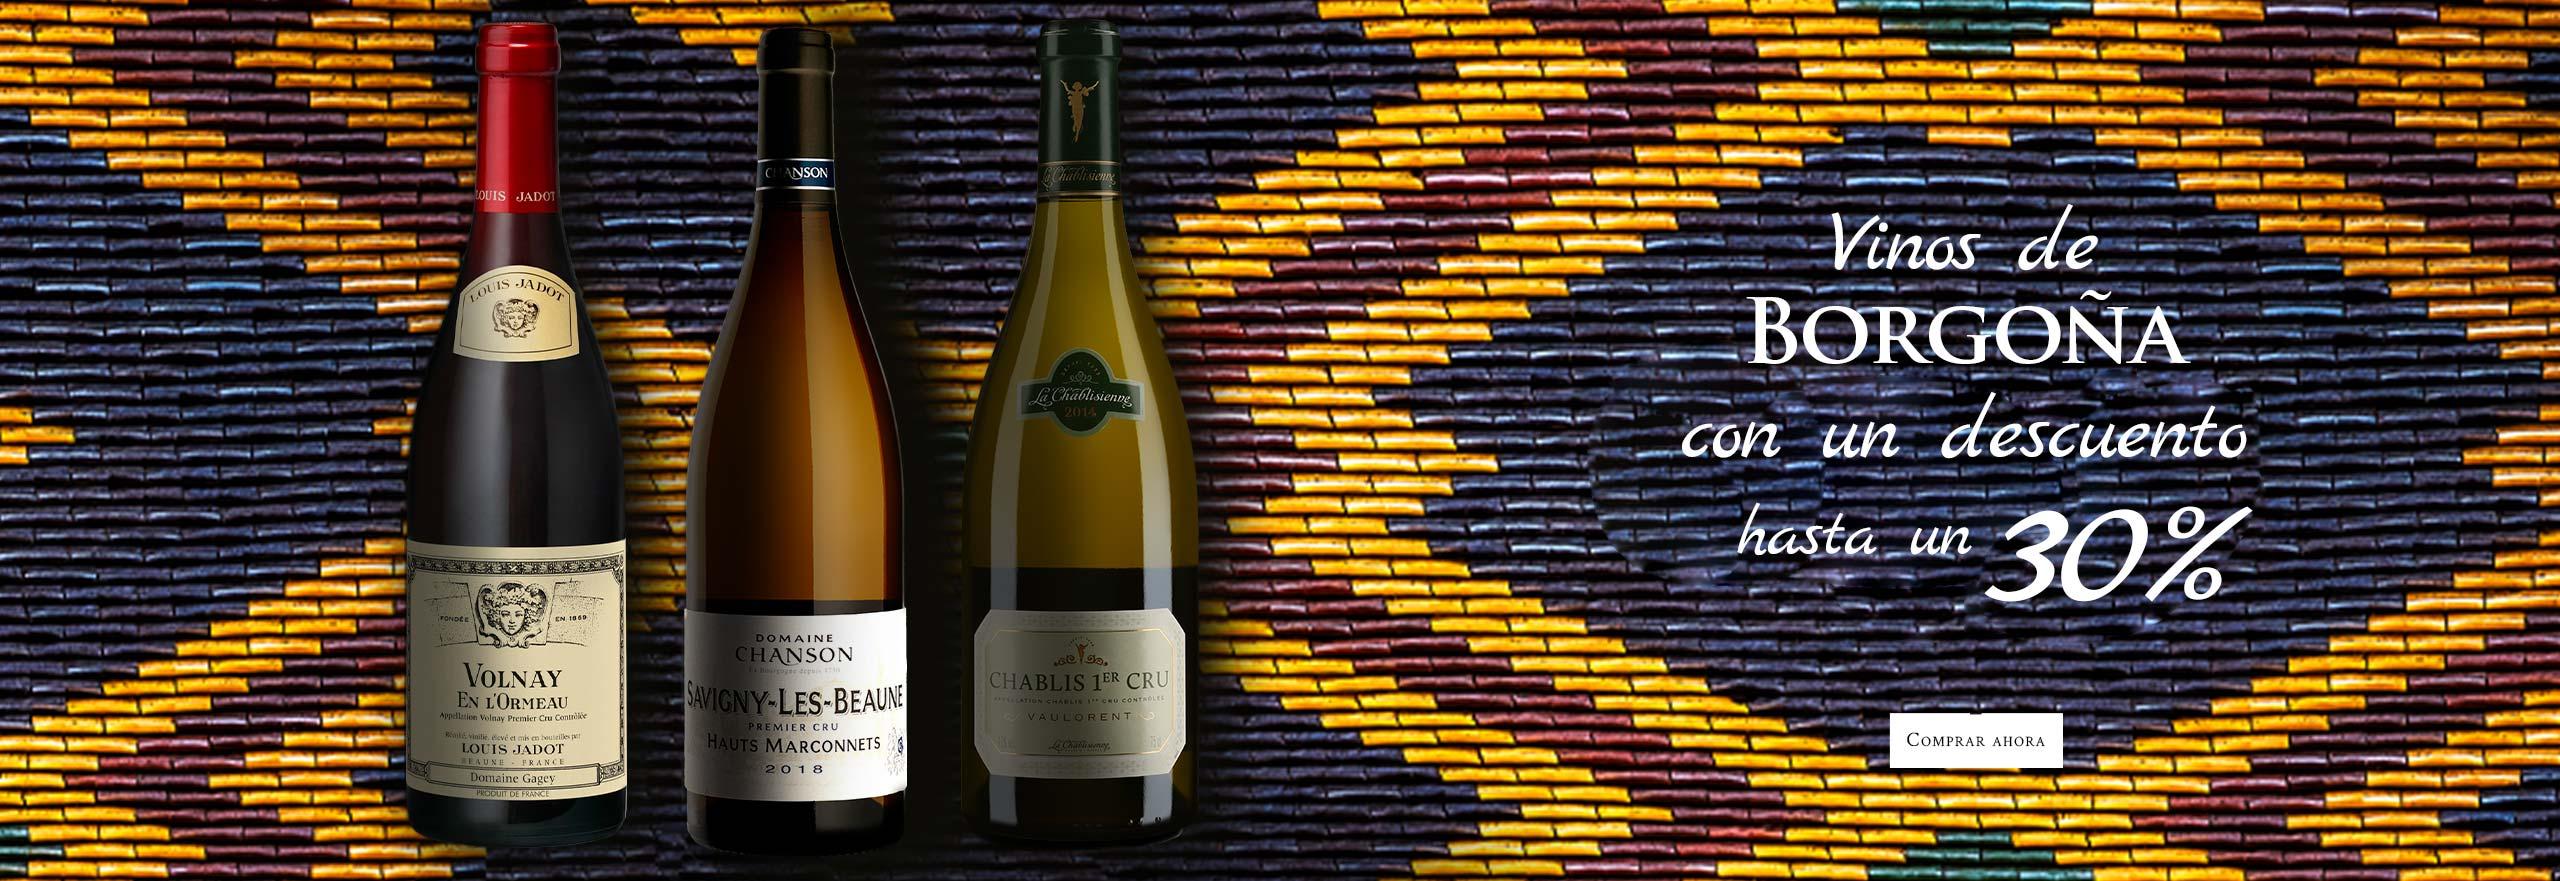 Precios rebajados vinos de Borgoña : un descuento hasta un 30% para empezar bien el otoño